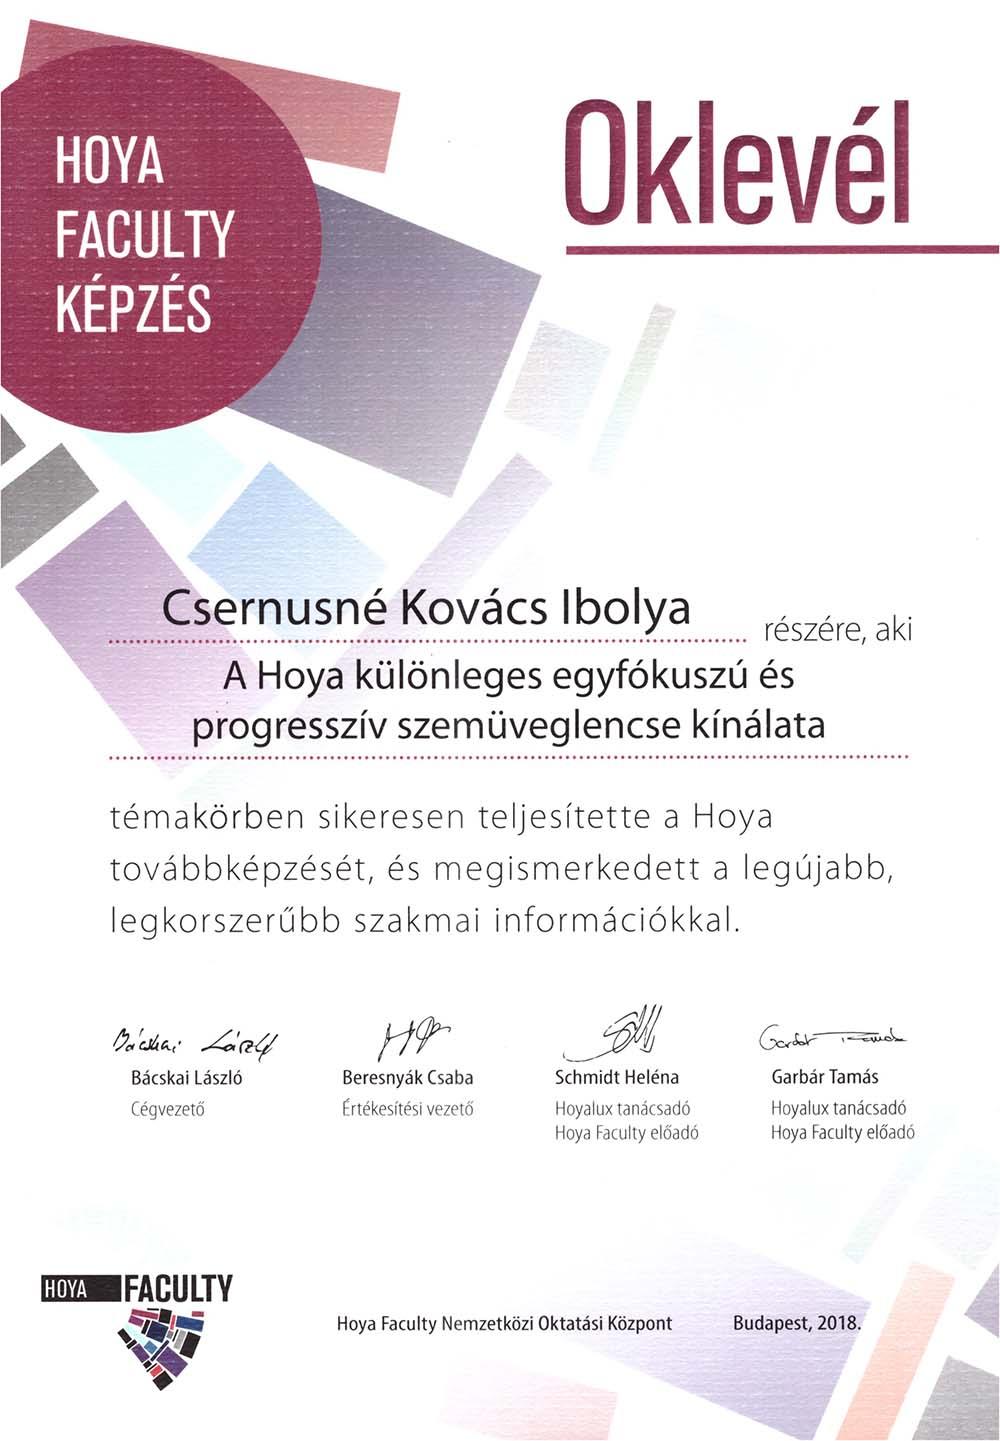 HOYA Faculty oklevél Csernusné Kovács Ibolya részére a HOYA különleges egyfókuszú és progresszív szemüveglencse kínálatának átfogó ismeretéért